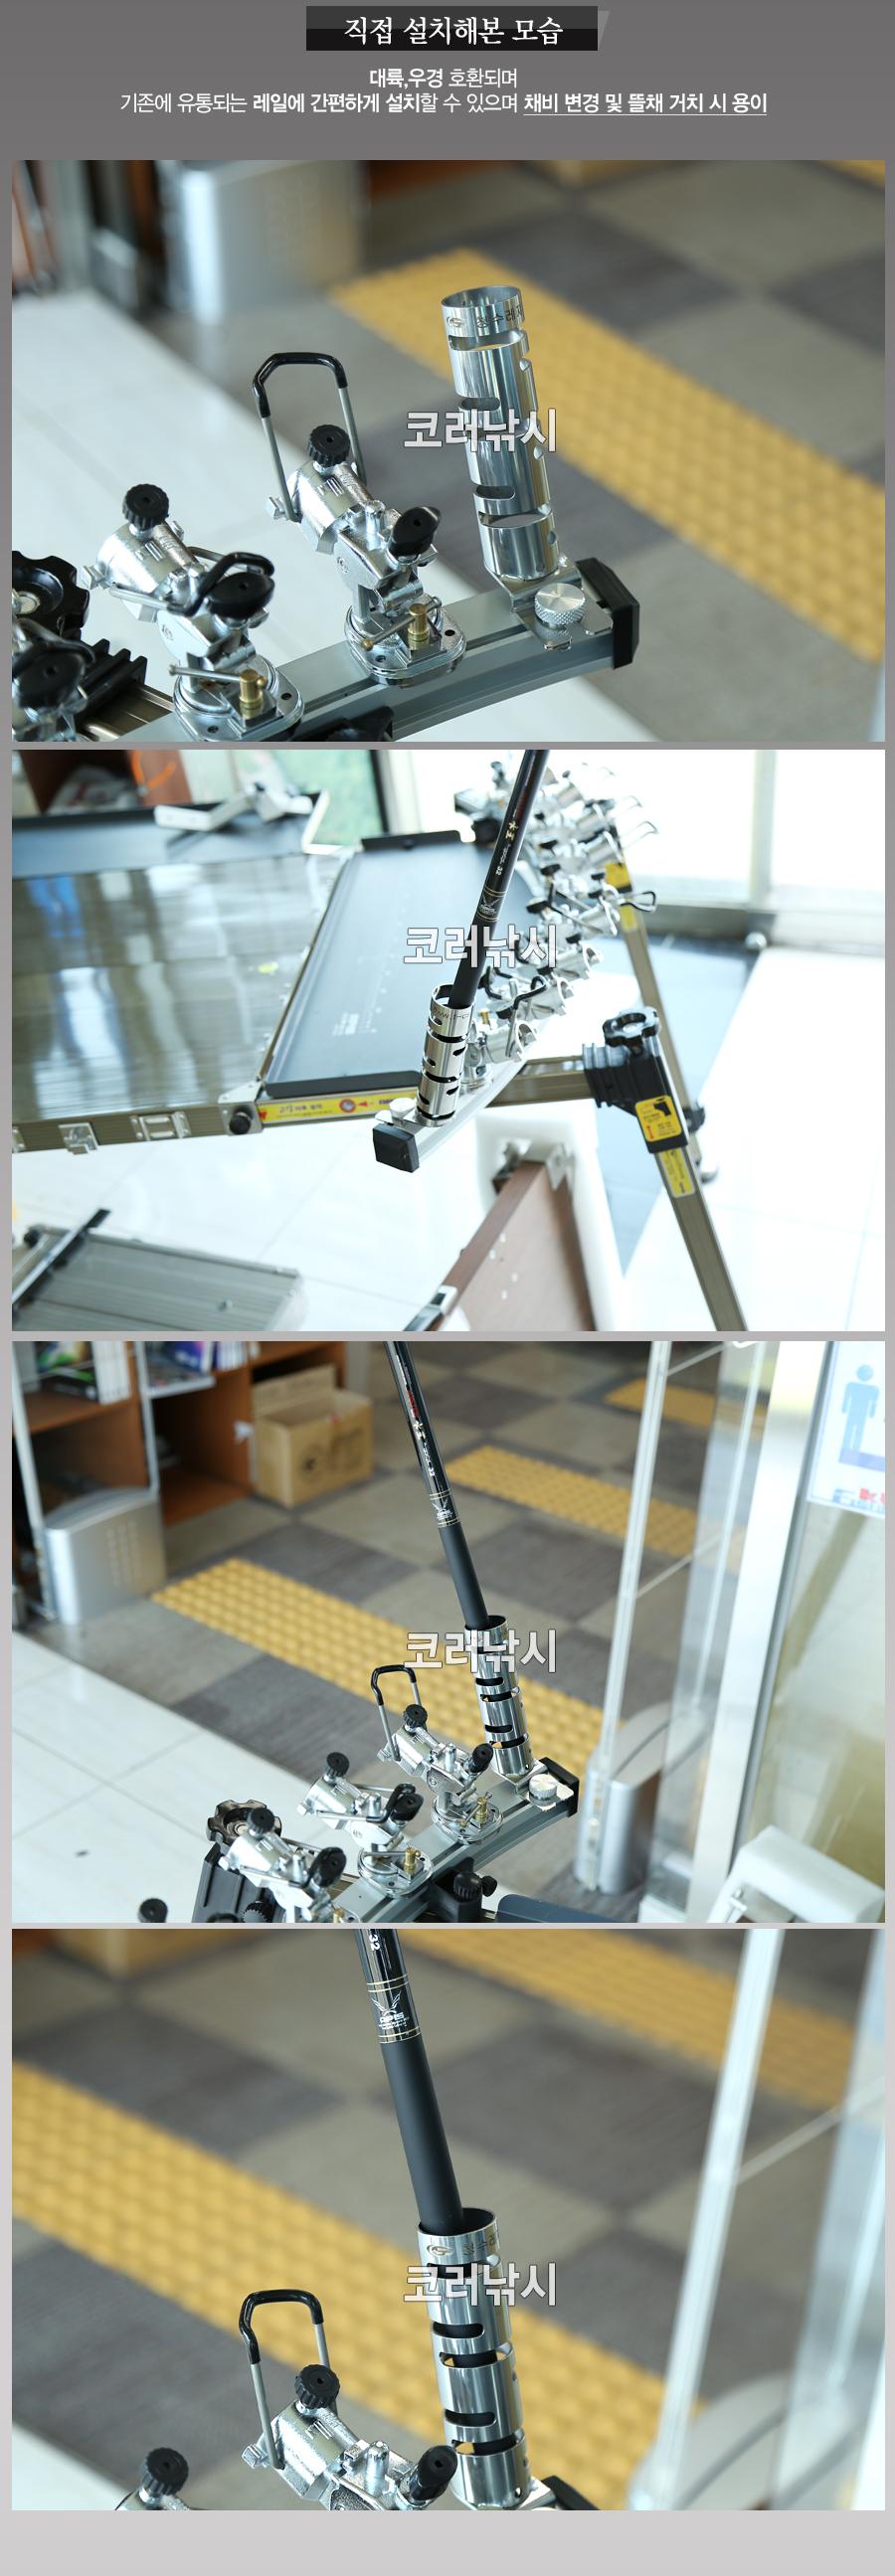 청수 만능 낚시대/뜰채 거치대 좌대용클램프,낚시대거치대,뜰채거치대,거치구,좌대용거치대